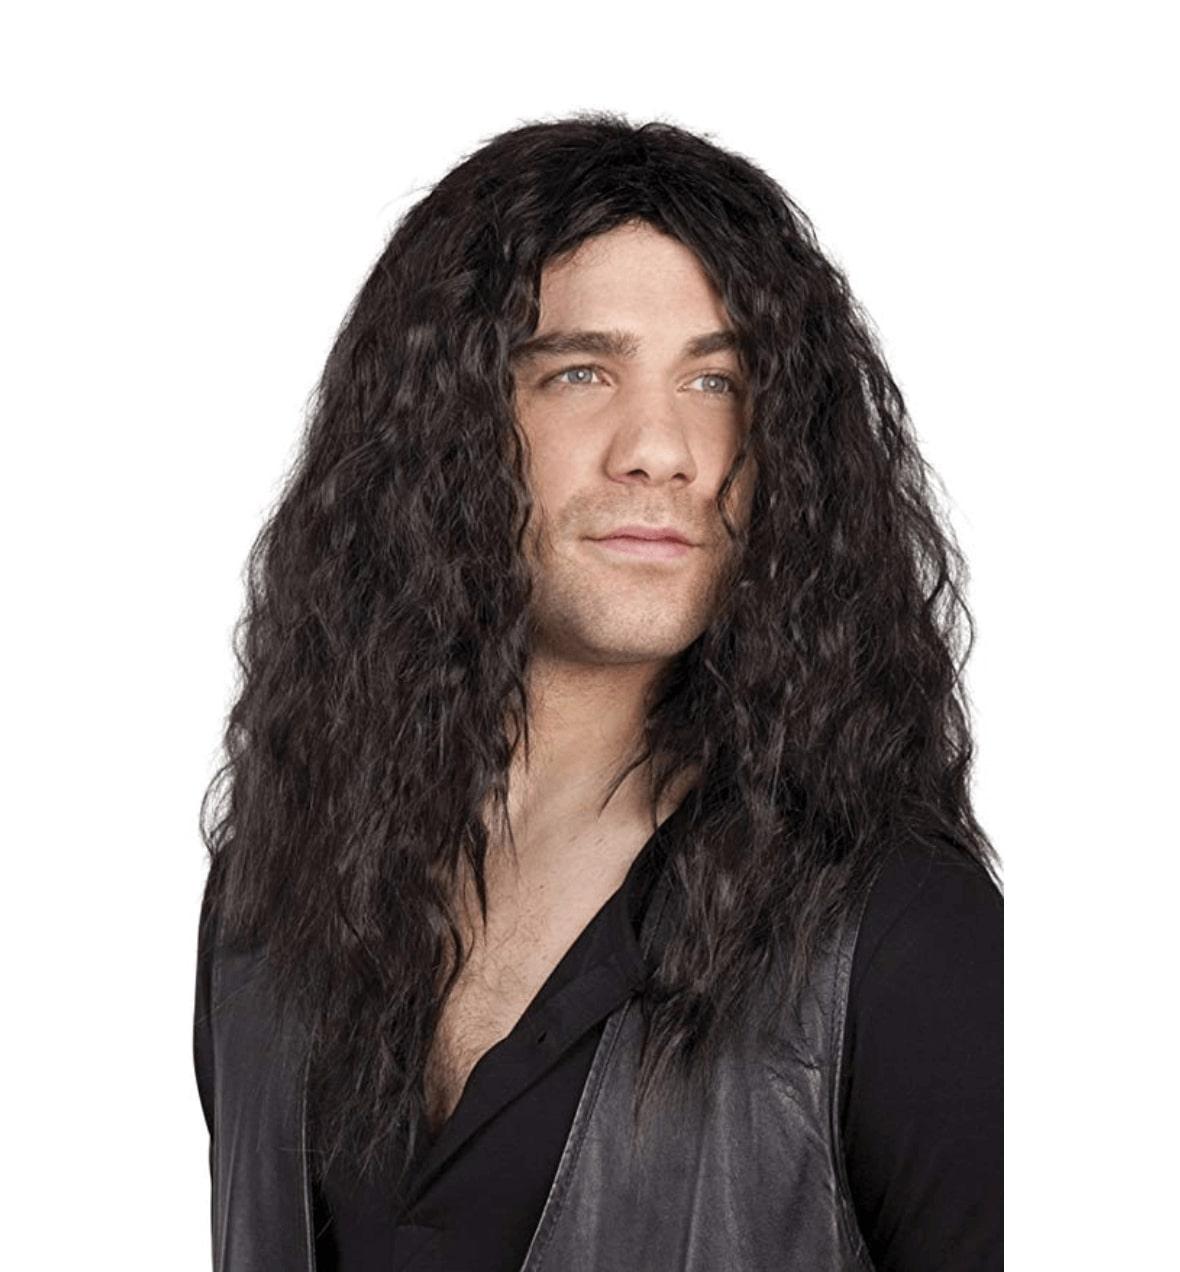 Jacques - Perruque Cheveux Longs Brun - Homme